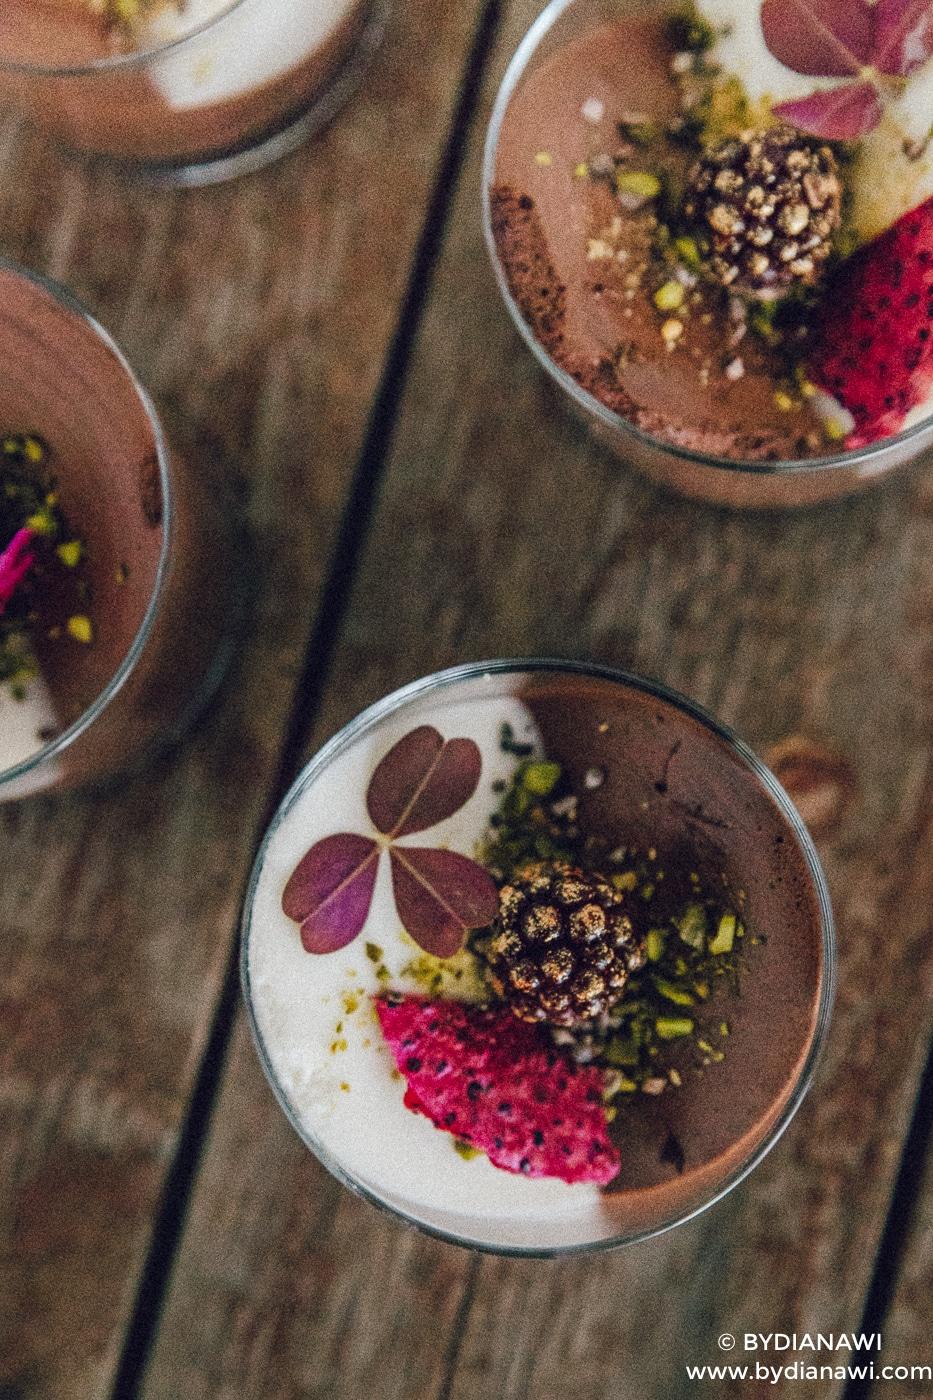 sund dessert, frisk sommerdessert, yoghurtmousse, slankekost